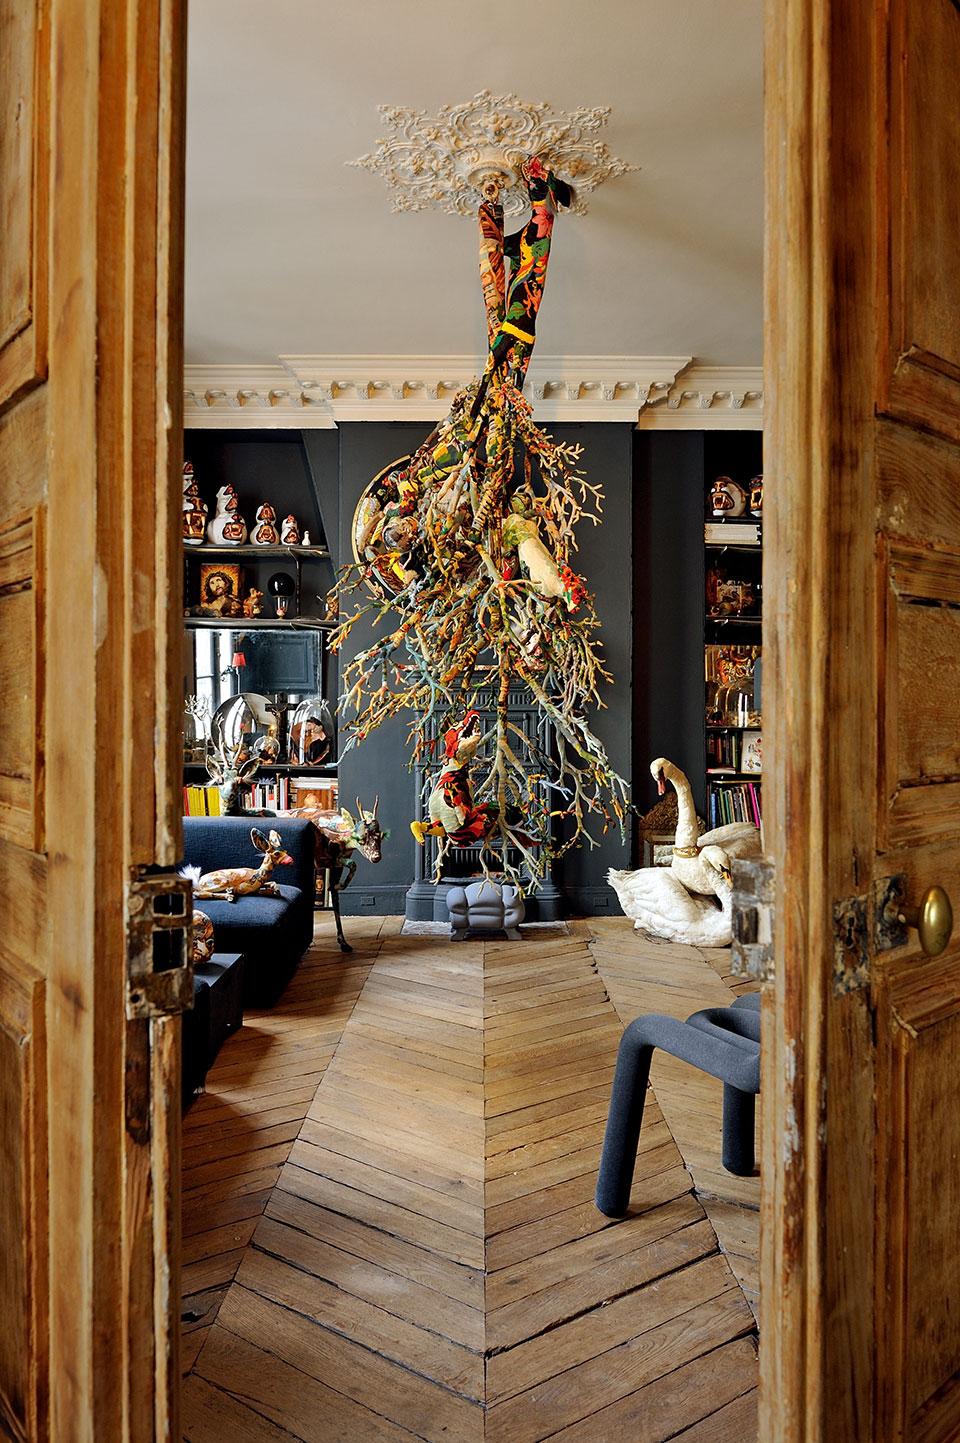 """壁炉前,一棵针织面料拼接制作的圣诞树从天花板上悬垂下来。墙壁、椅子和沙发都是浓重的铁灰色,更衬托出彩色""""圣诞树""""与众多拼布动物玩偶的绚丽多姿。"""